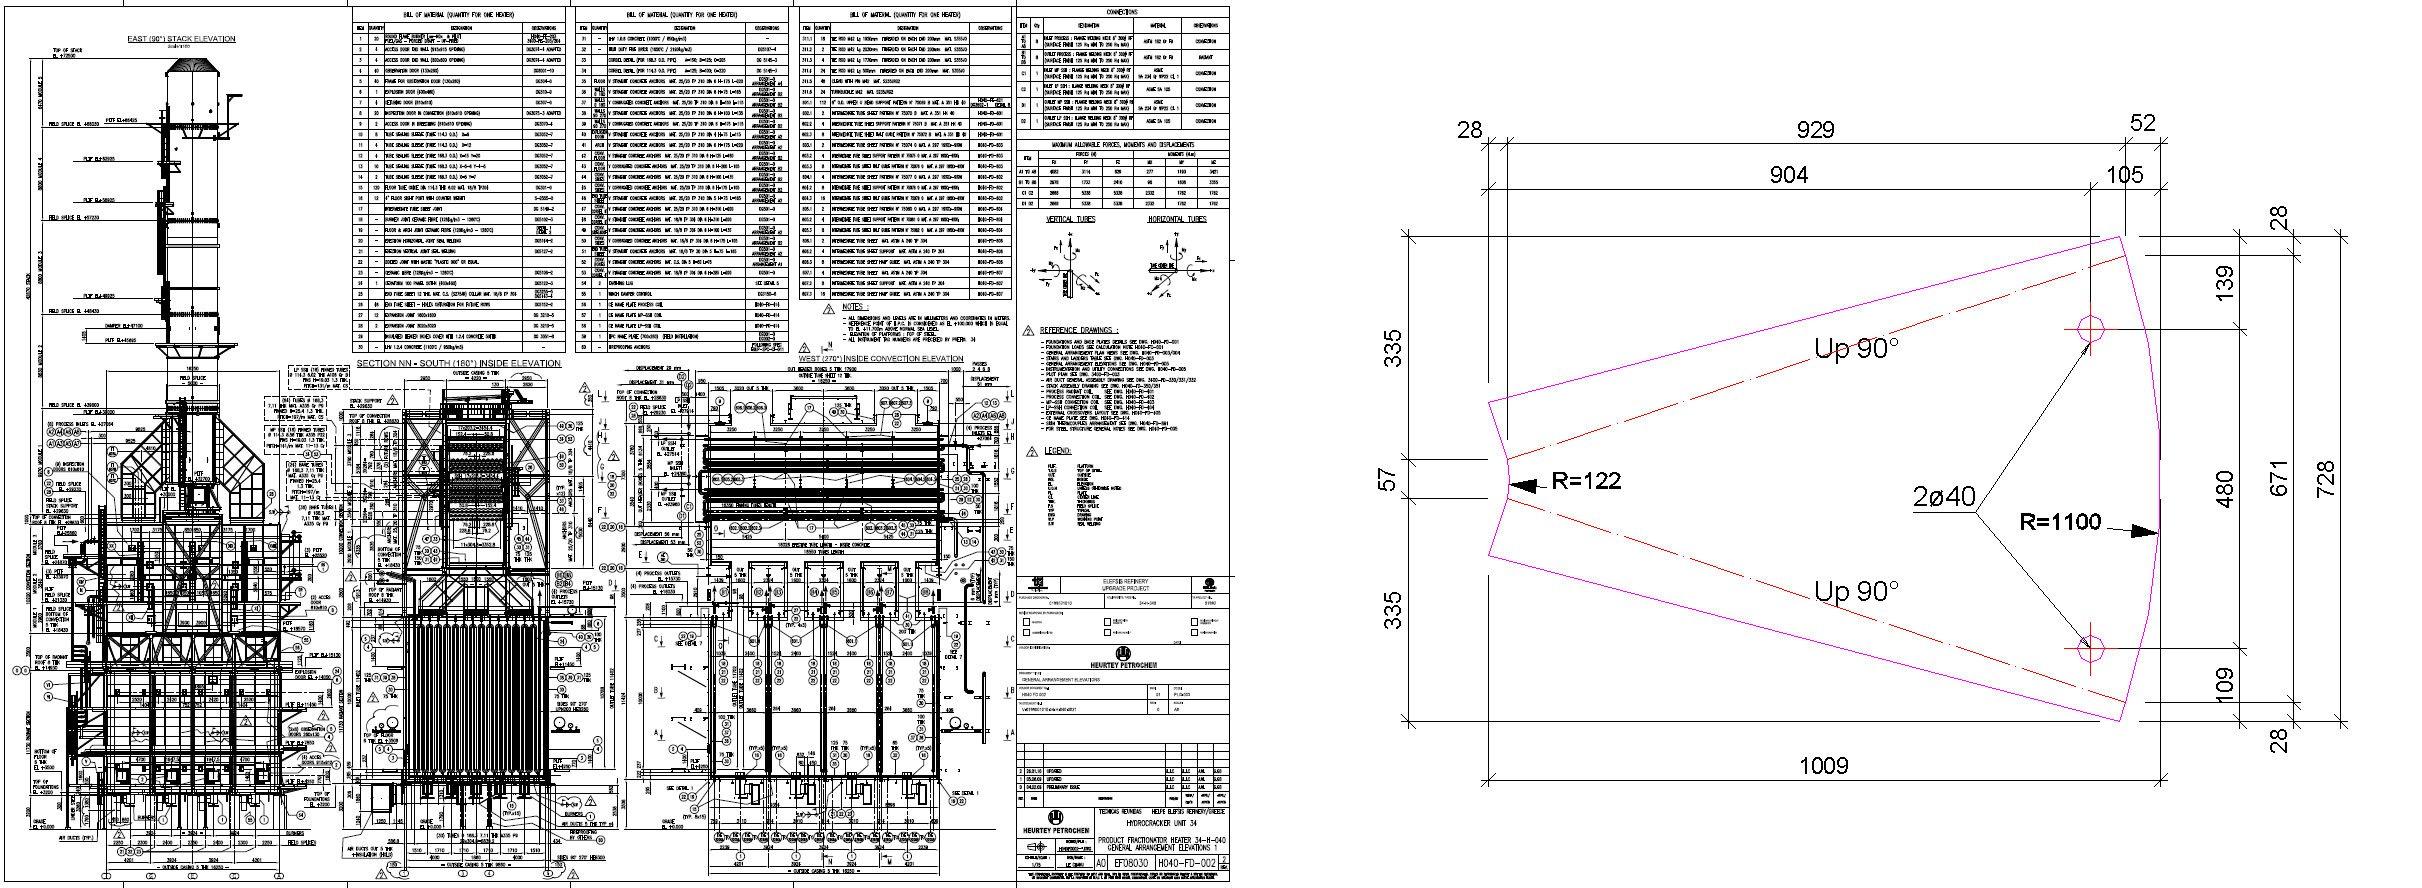 GRAITEC Autodesk Advance Steel | Automatizzato Creazione di disegni